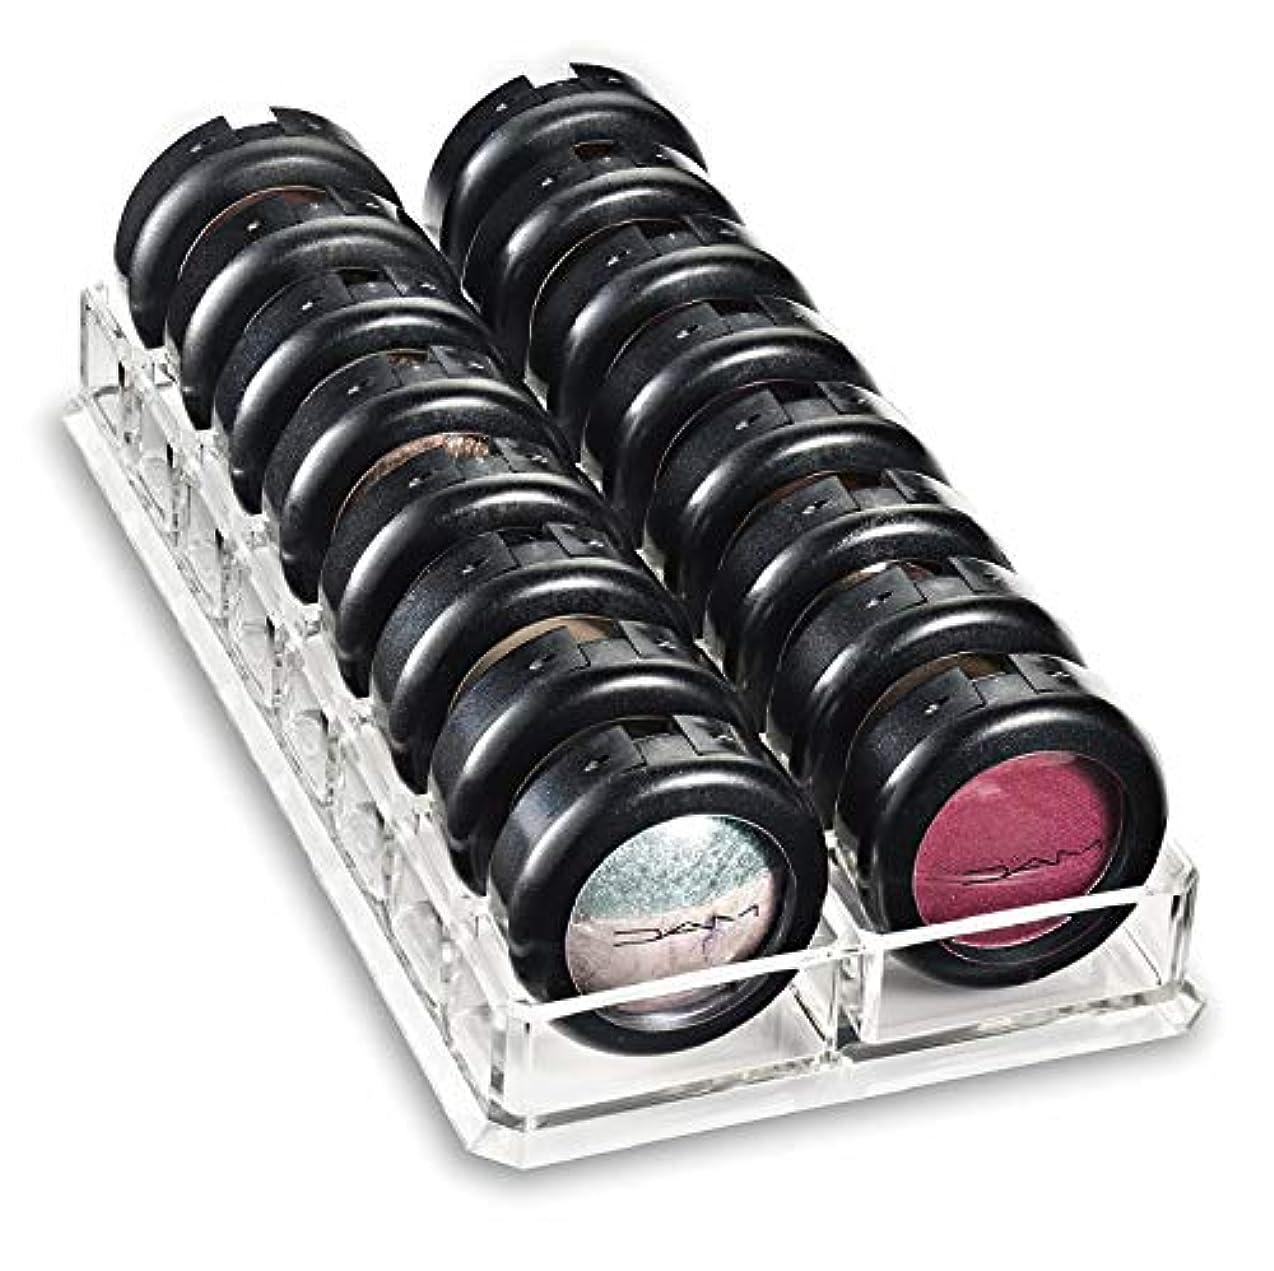 オフェンス前投薬蓋ColorfylCoco(カラフィルココ) アイシャドウホルダー コスメ収納 アイシャドー ホルダー 16仕切り アクリルケース クリアケース 卓上 メイクボックス 口紅 香水 メイク 小物入れ 収納 スタンド